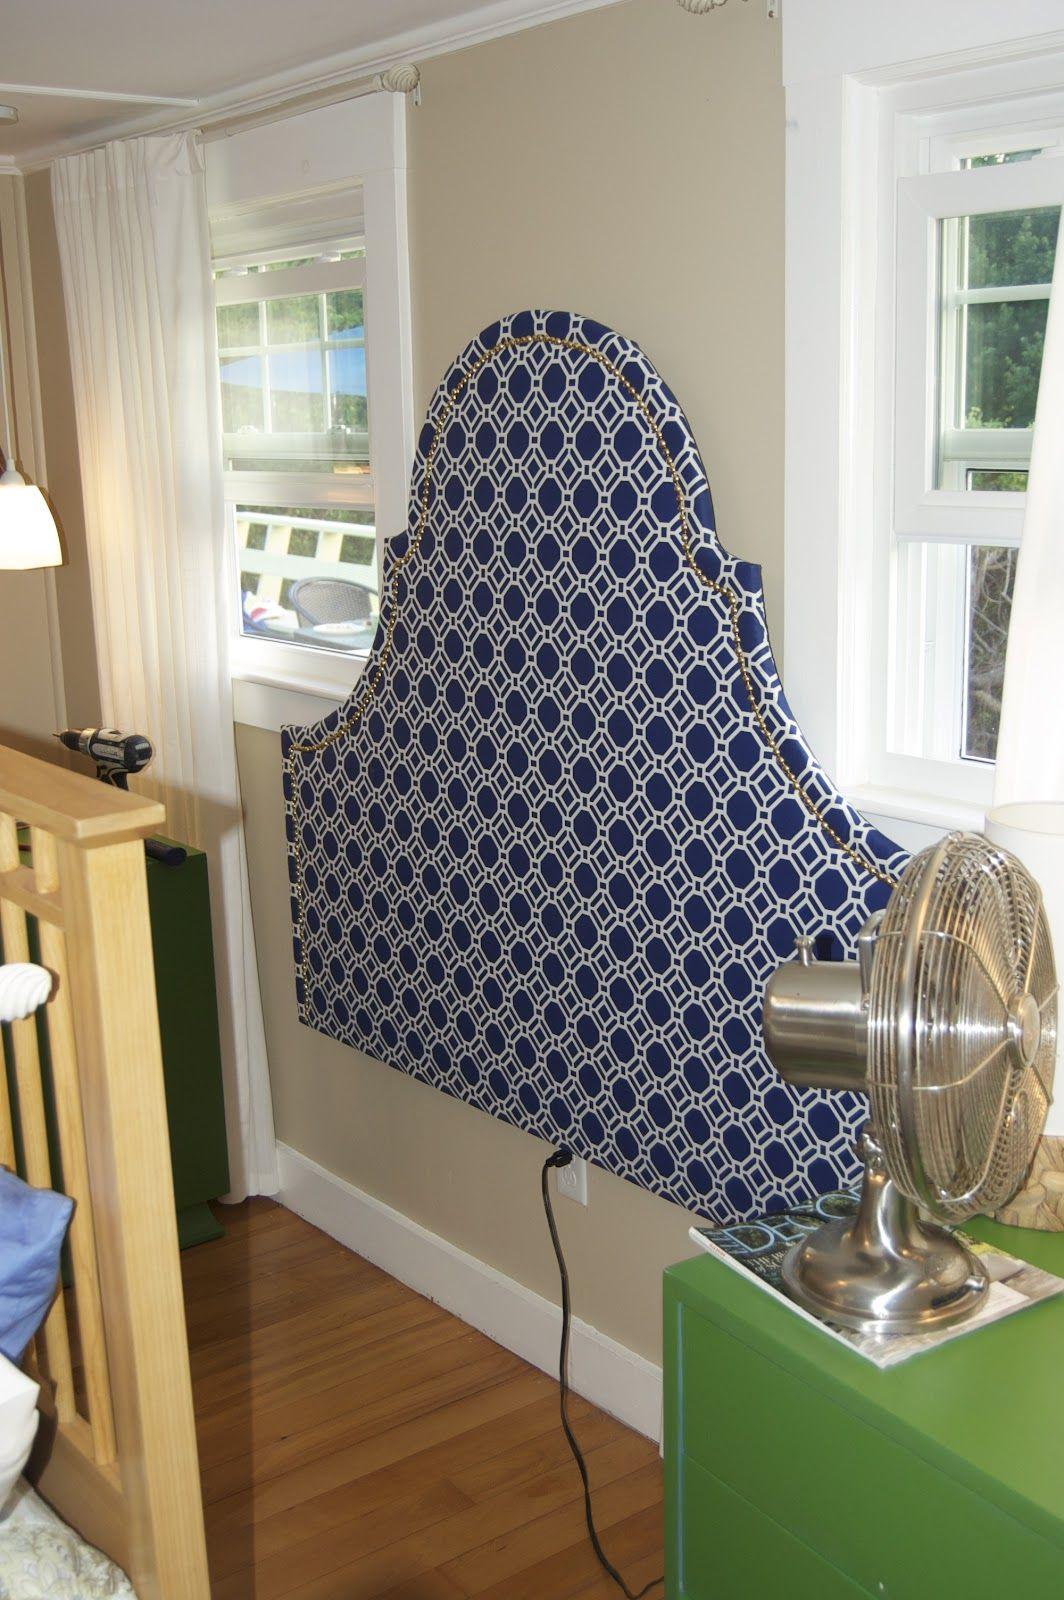 DIY Headboard Seaside Shelter Preppy Bedroom